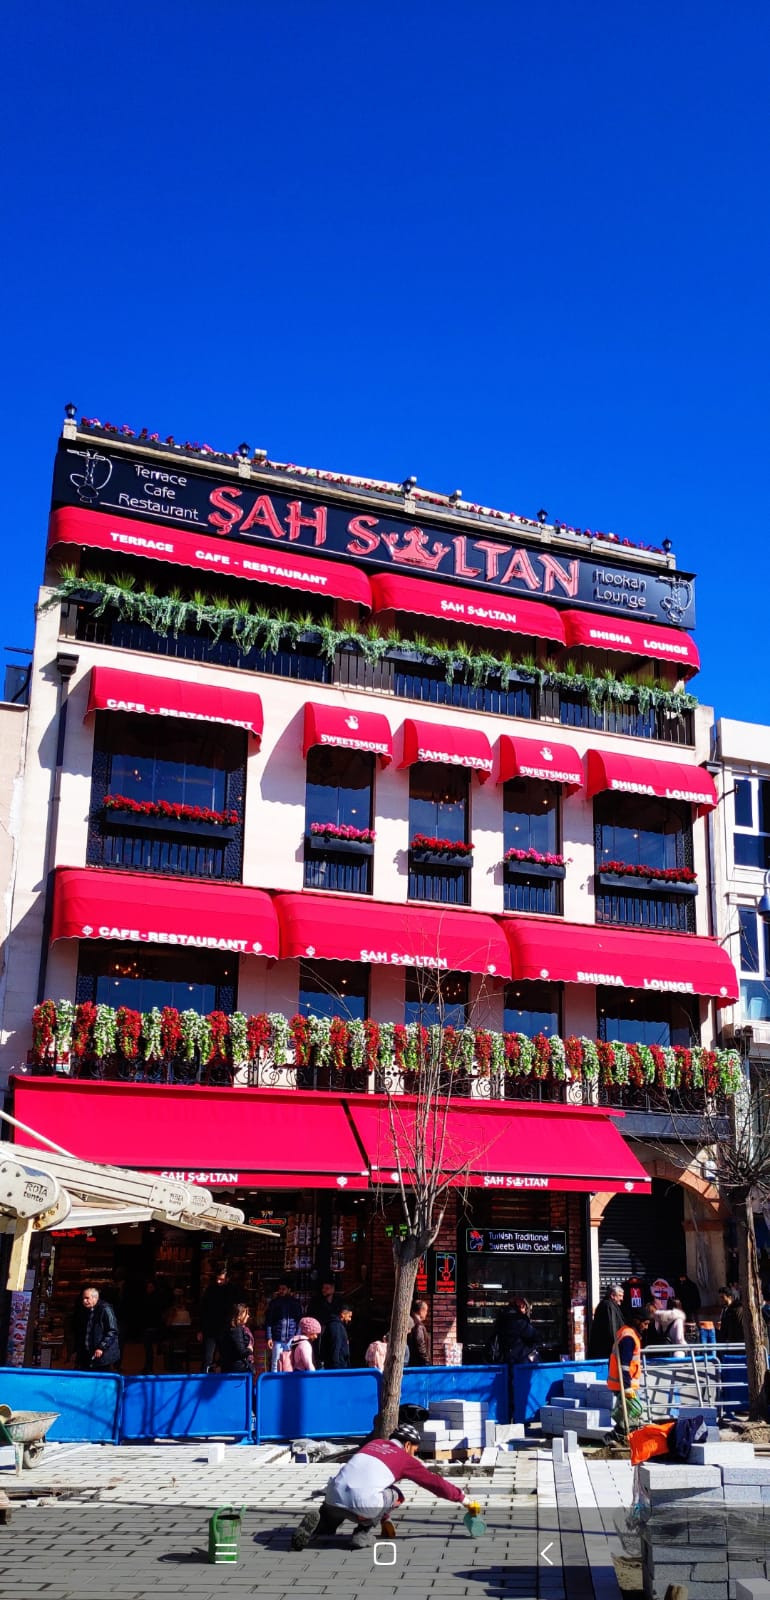 Şah sultan Restoran cafe